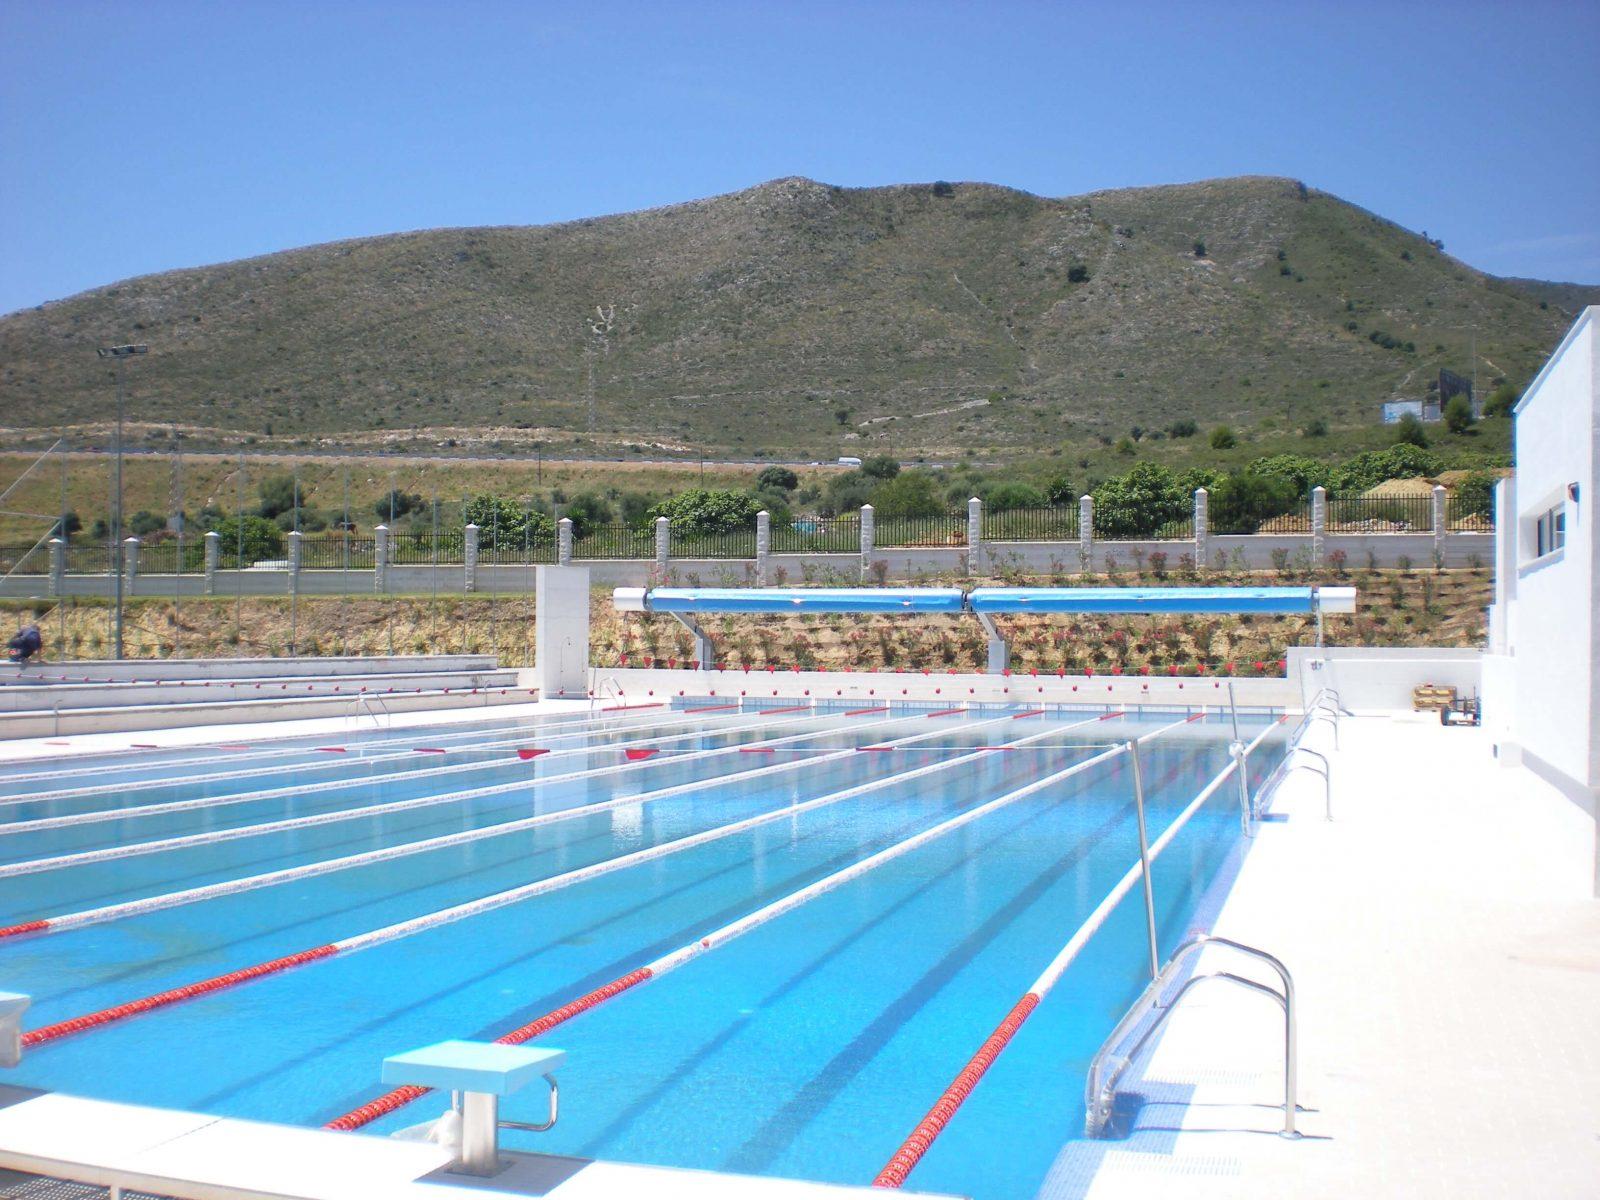 piscinas virgen del carmen iii complejo acu tico